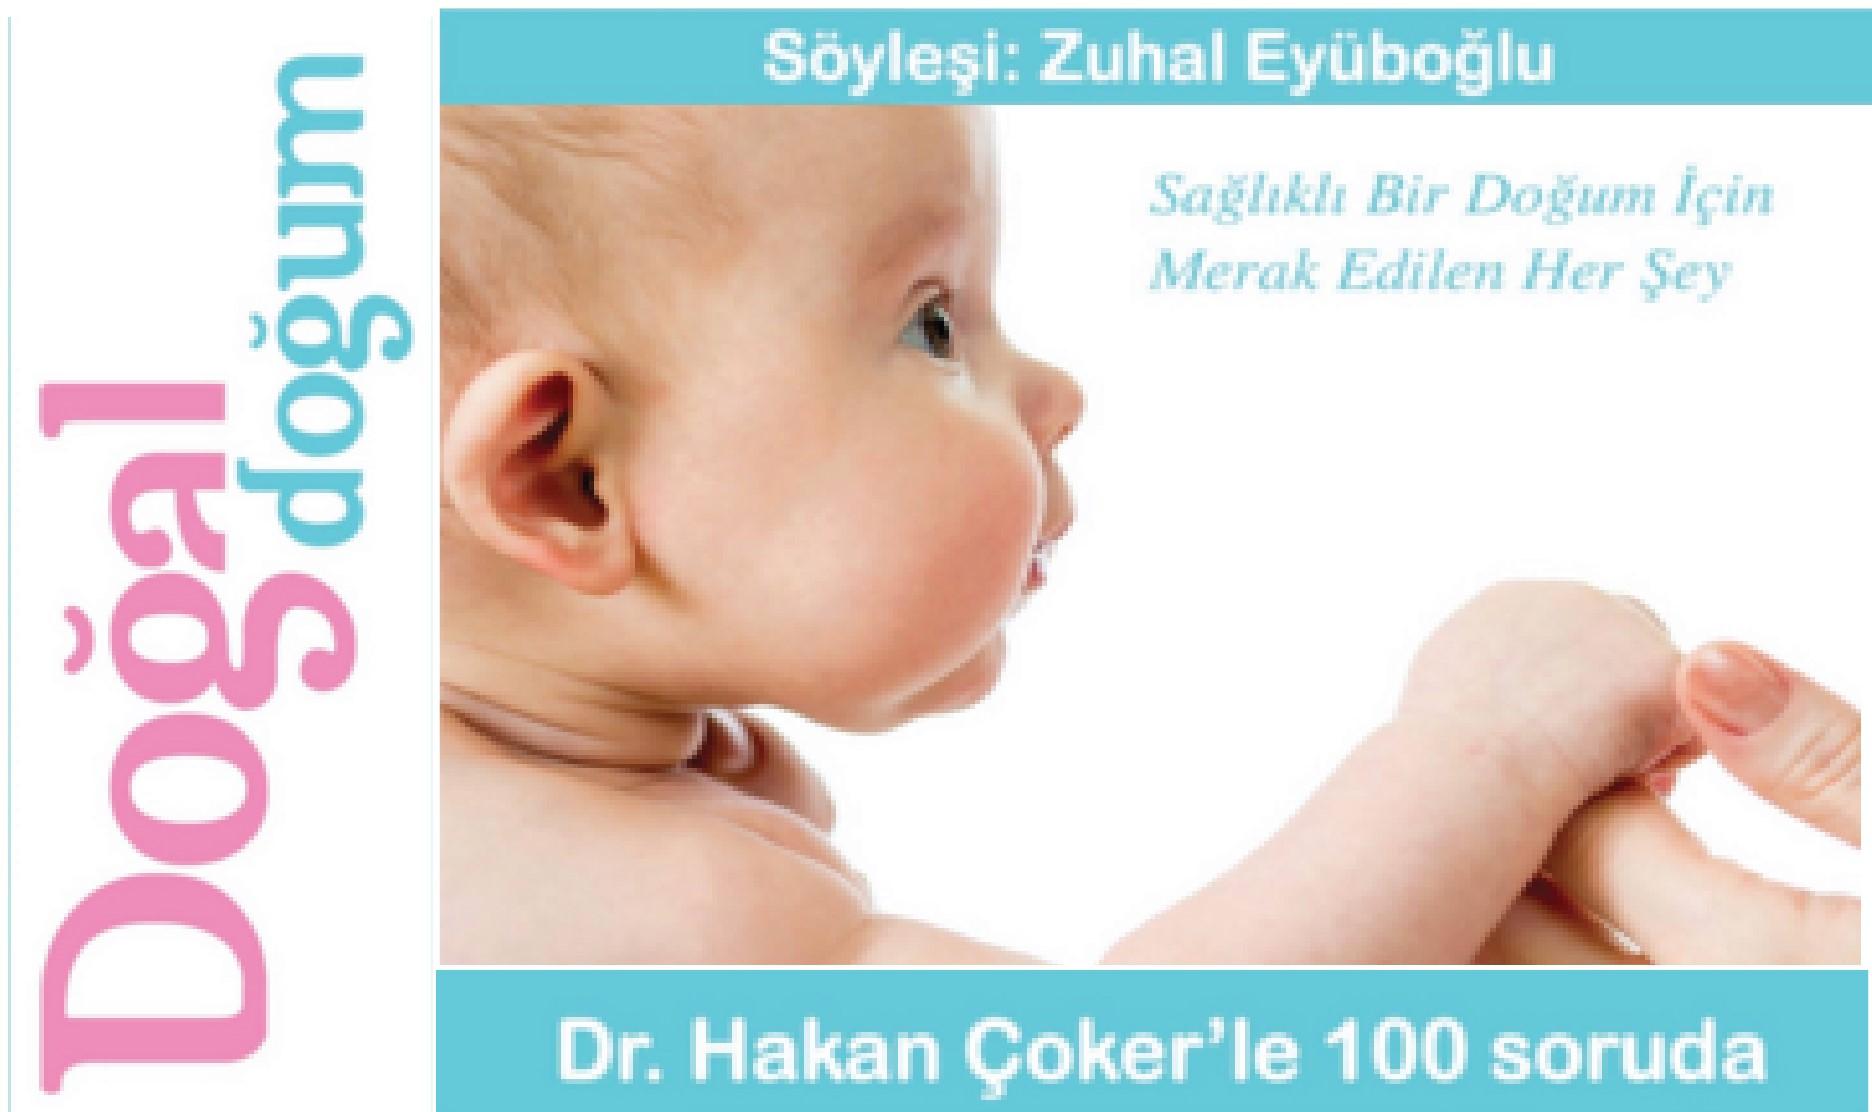 Dr.Hakan Çoker Çoker'le 100 Soruda Doğal Doğum kitabı çıktı